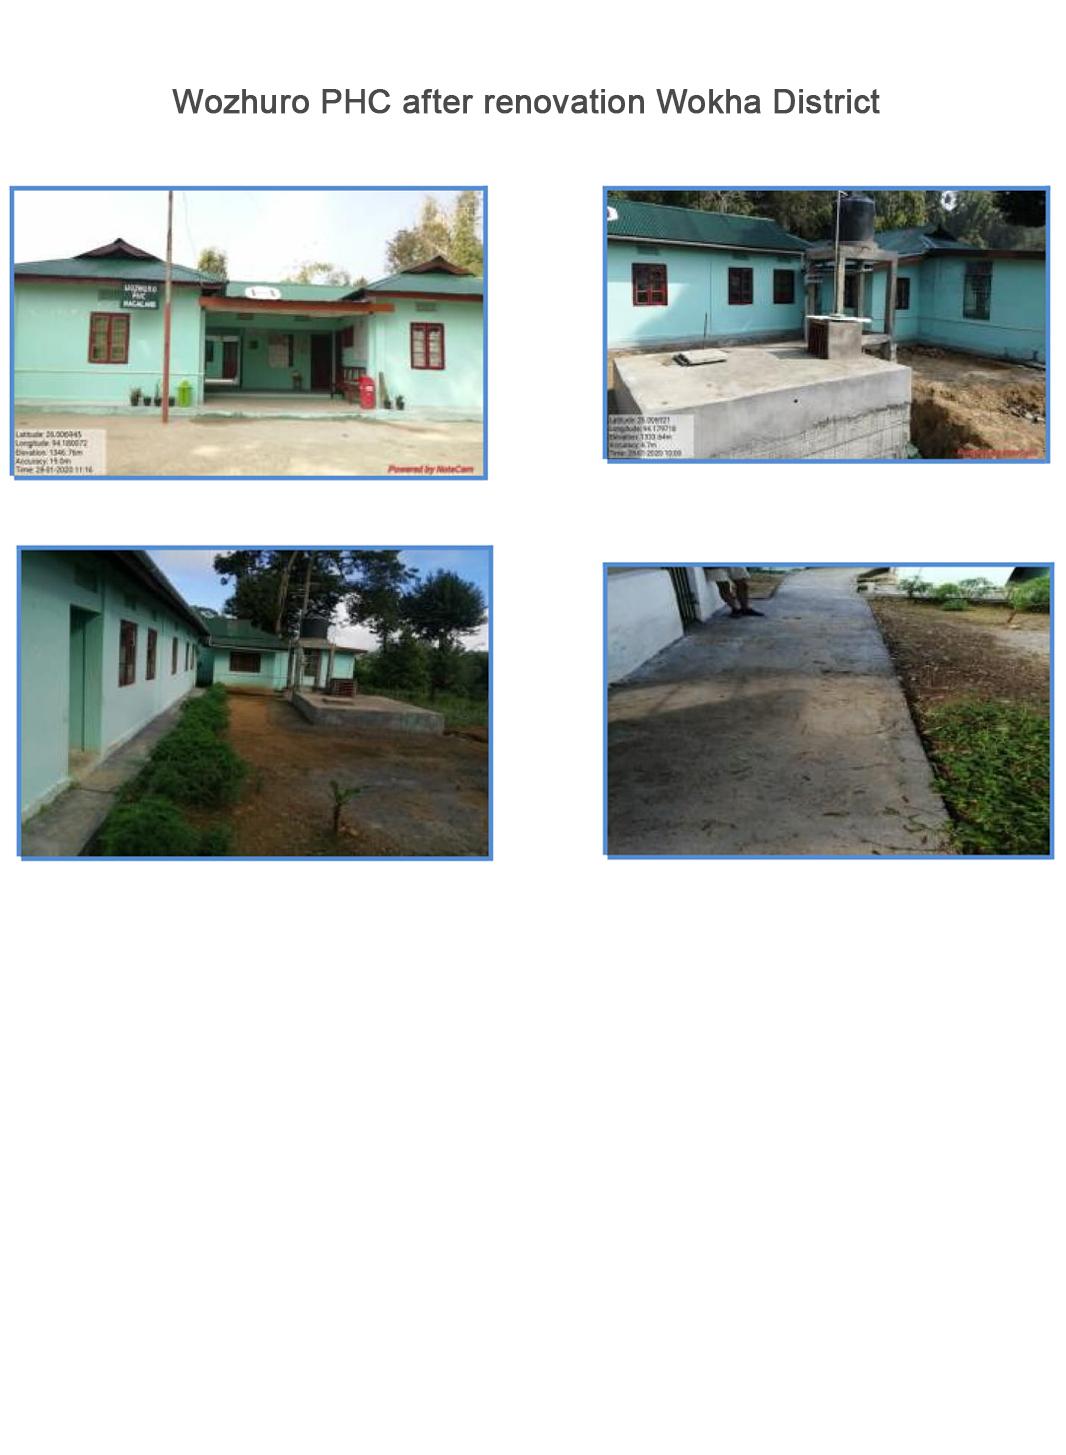 Wozhuro-PHC-after-renovation-Wokha-District